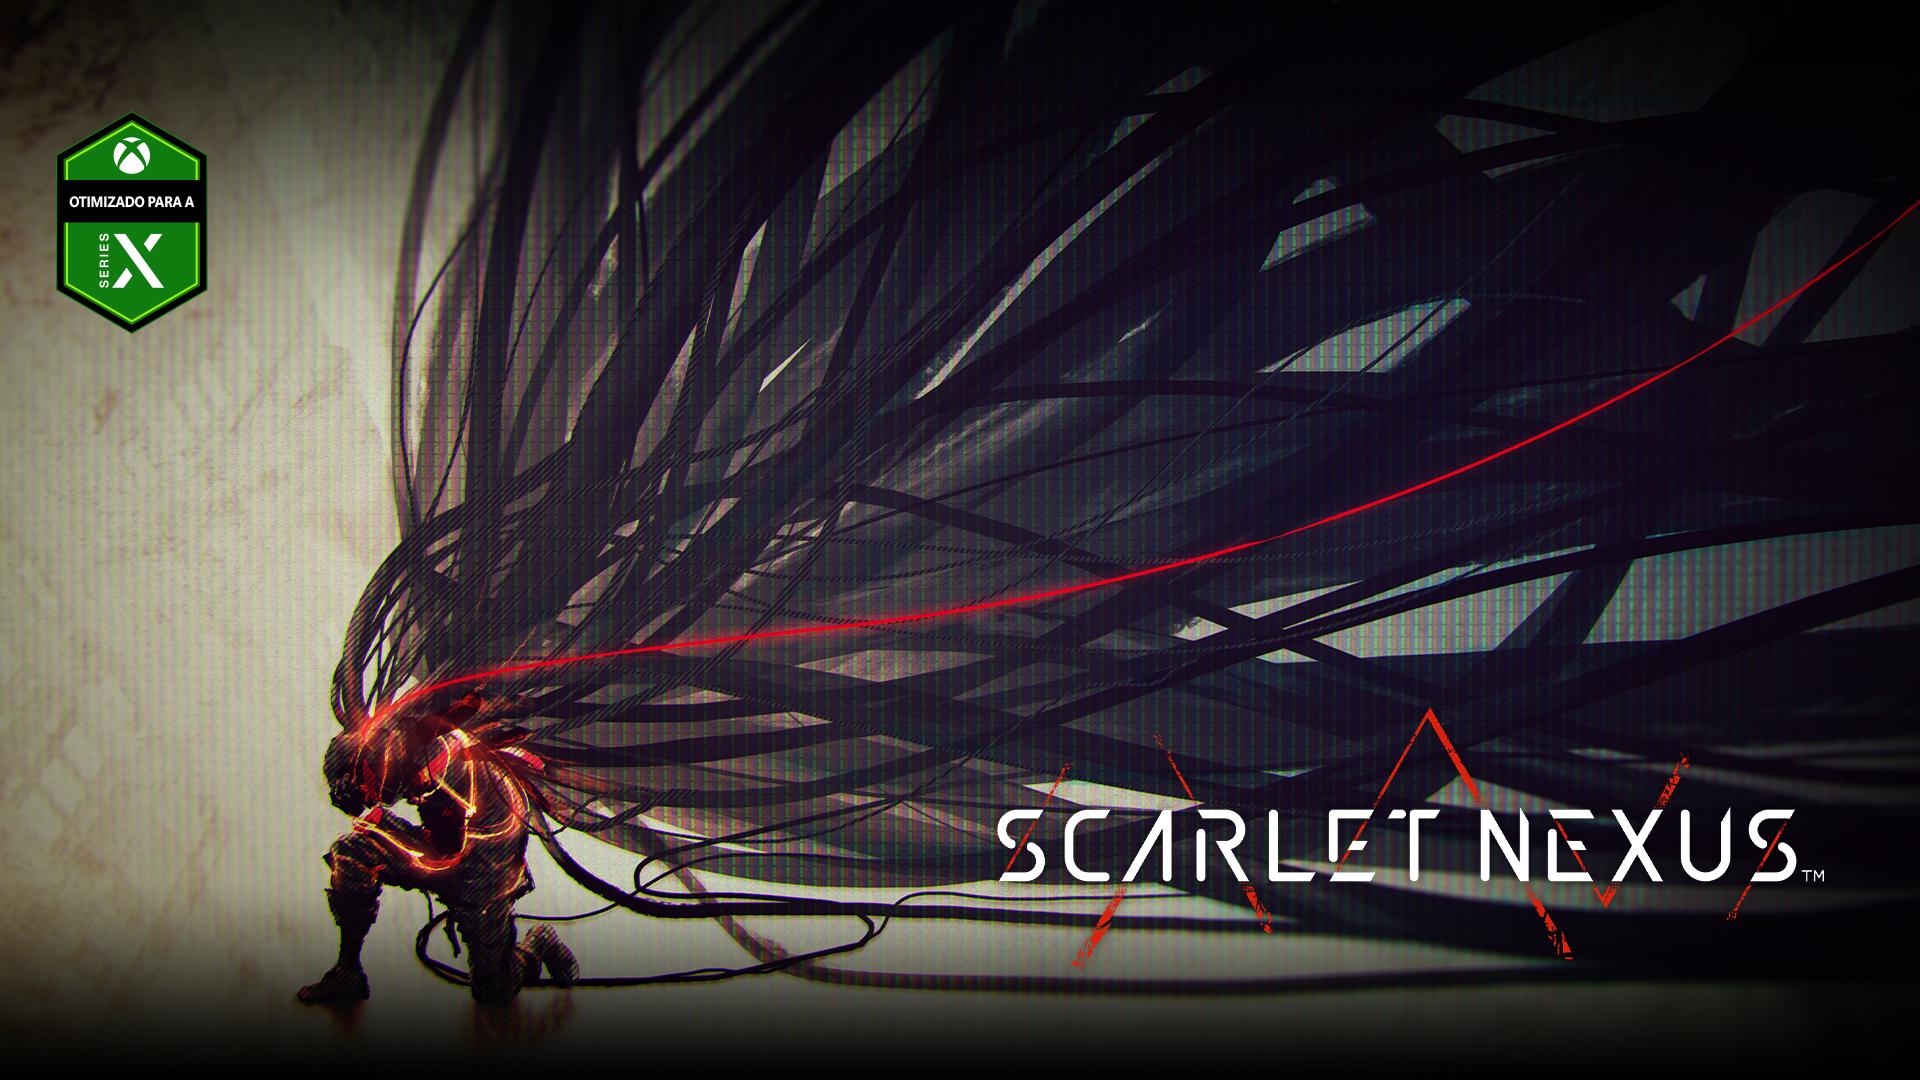 Scarlet Nexus, Otimizado para a Xbox Series X, Um homem ajoelha-se com grandes fios de cabelo a fluir dele